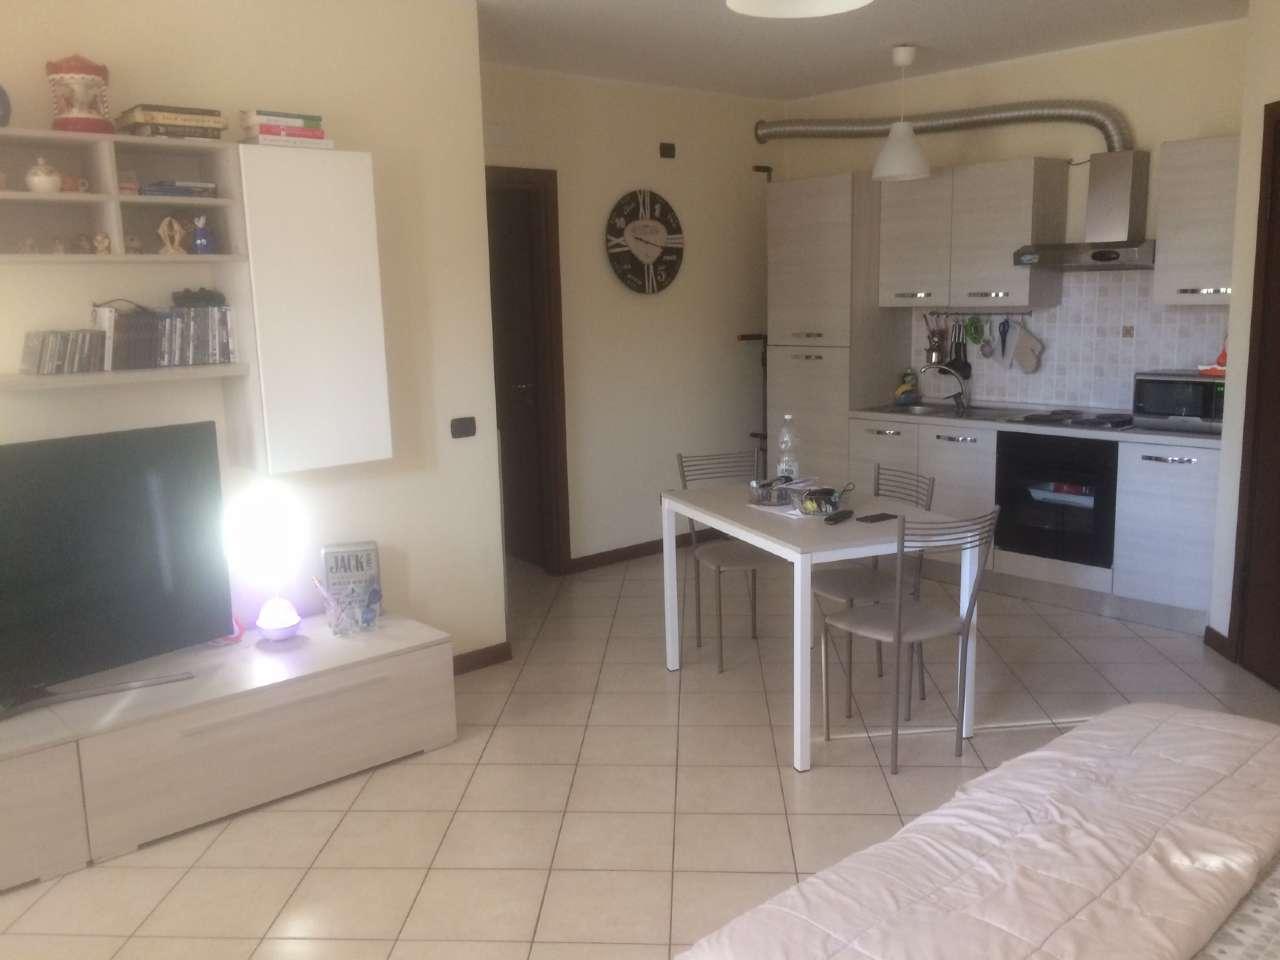 Appartamento in affitto a Ceranova, 1 locali, prezzo € 390 | CambioCasa.it